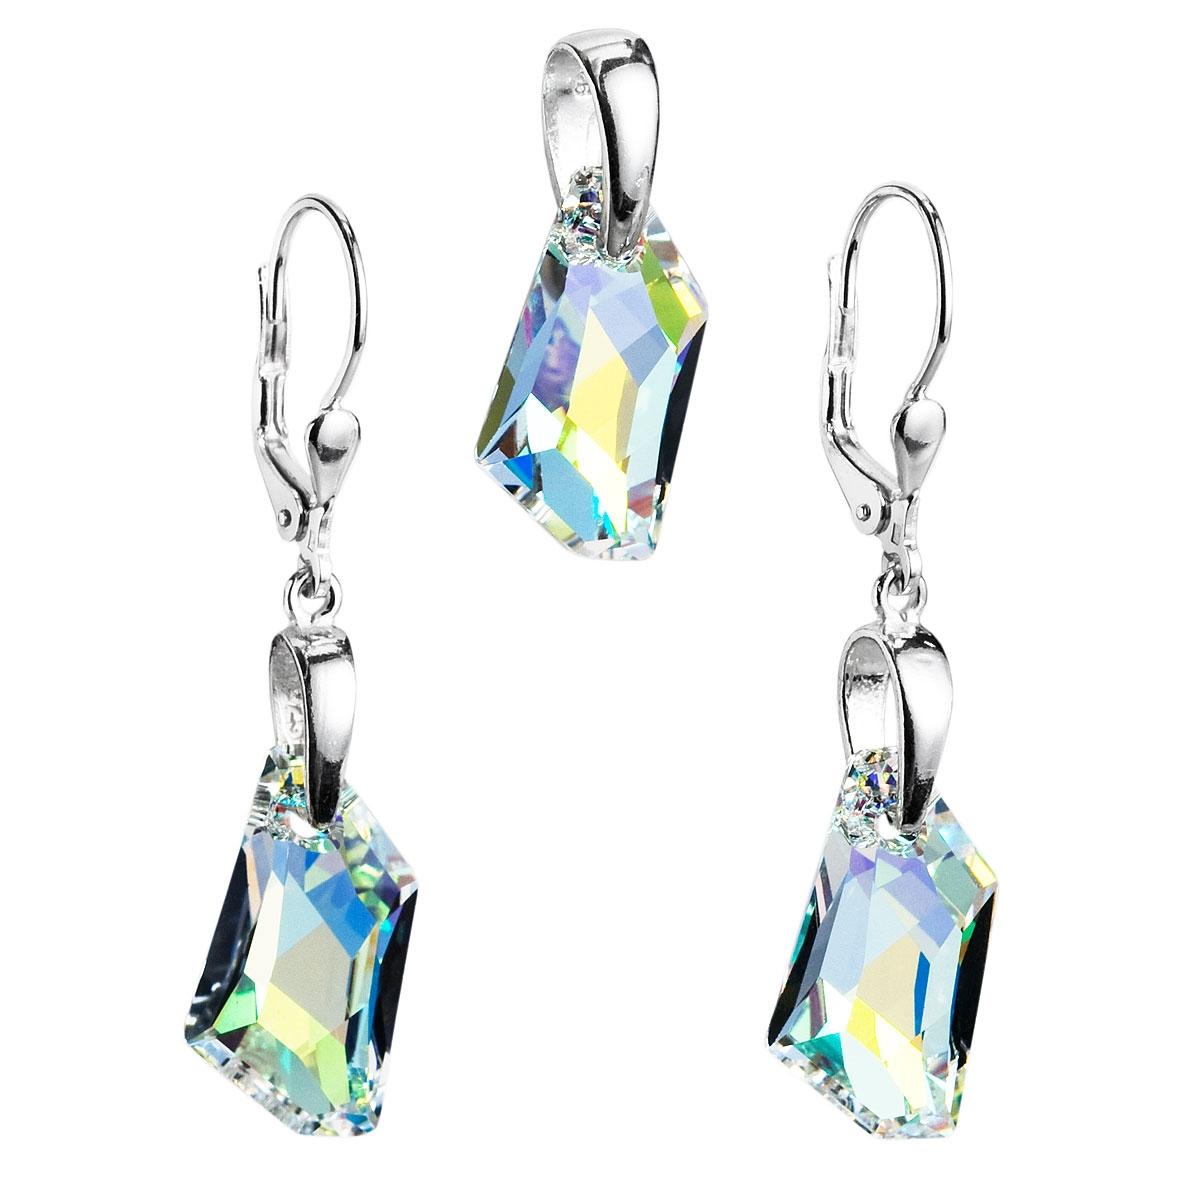 Sada šperkov s kameňmi Crystals from Swarovski ® AB